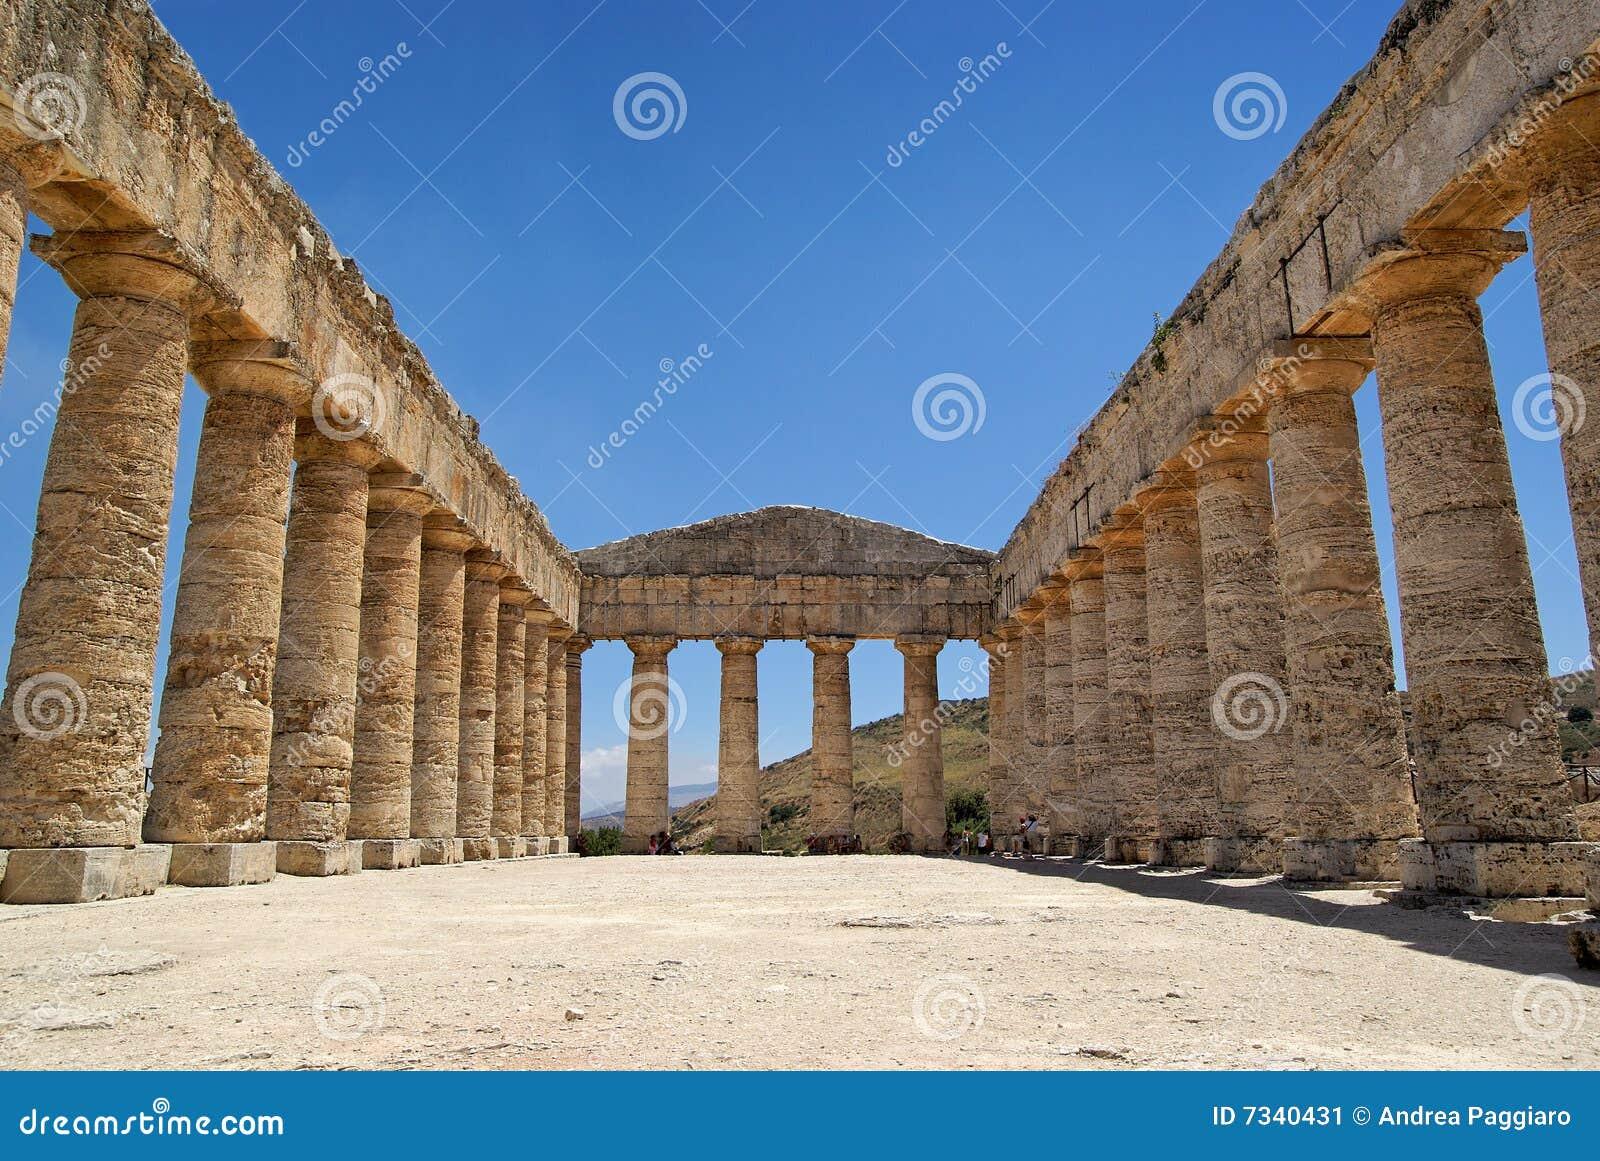 Grekiskt italy segestasicily tempel